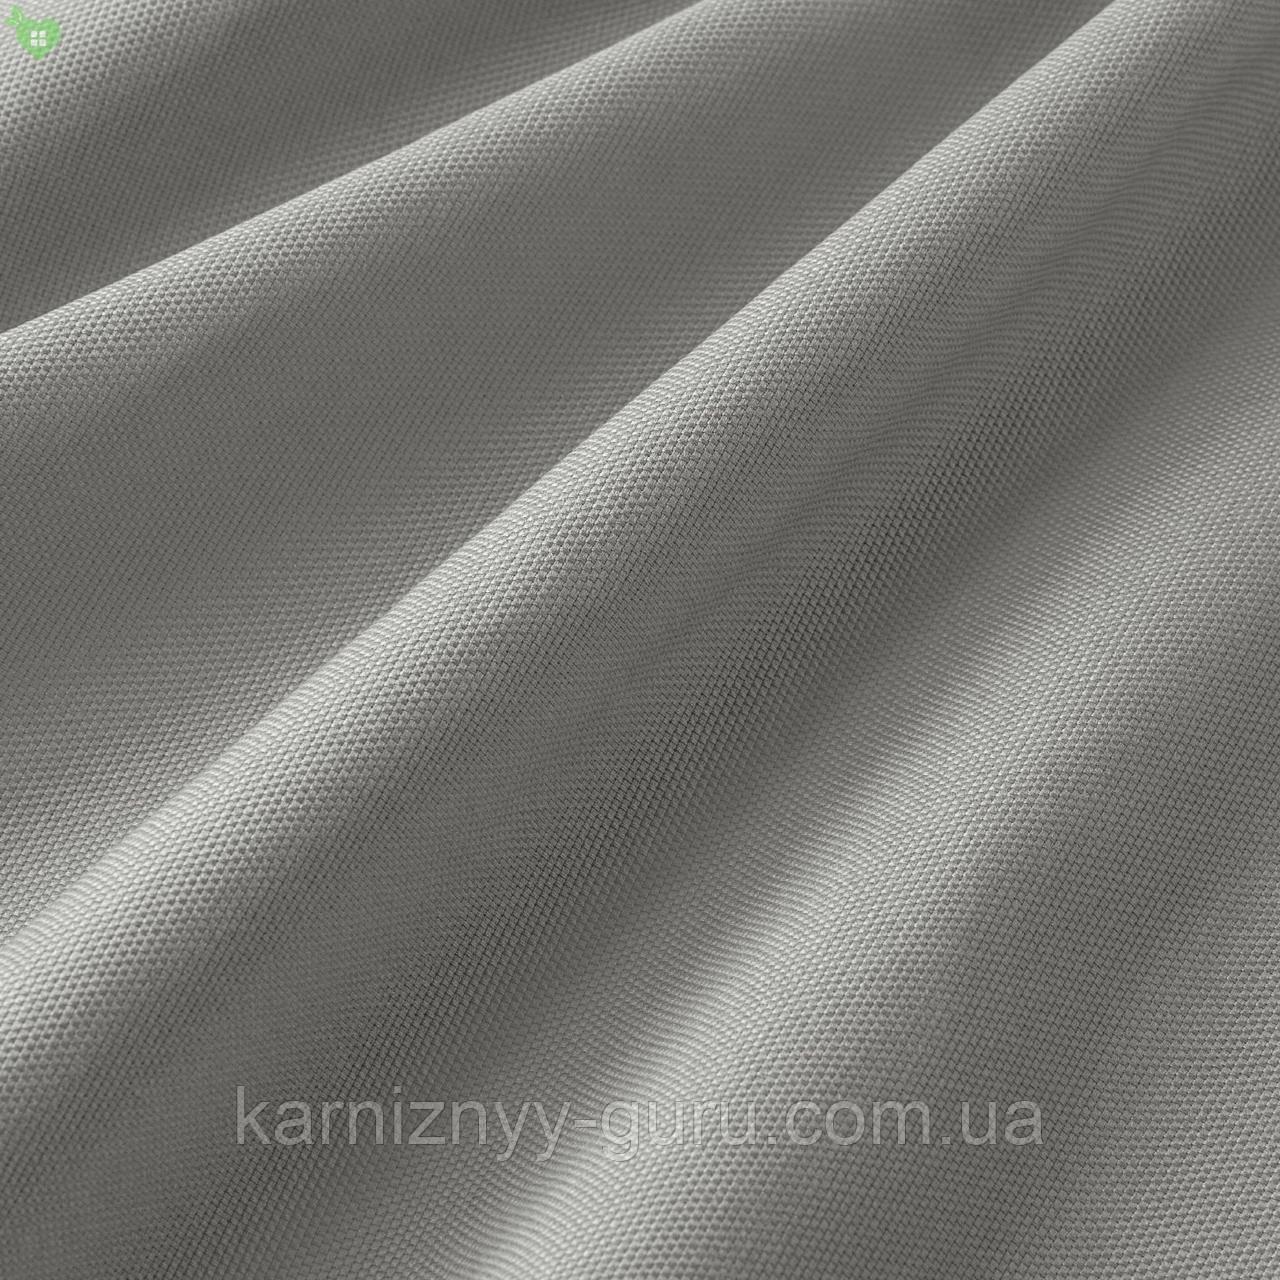 Уличная ткань с фактурой серого цвета для веранды 84274v7